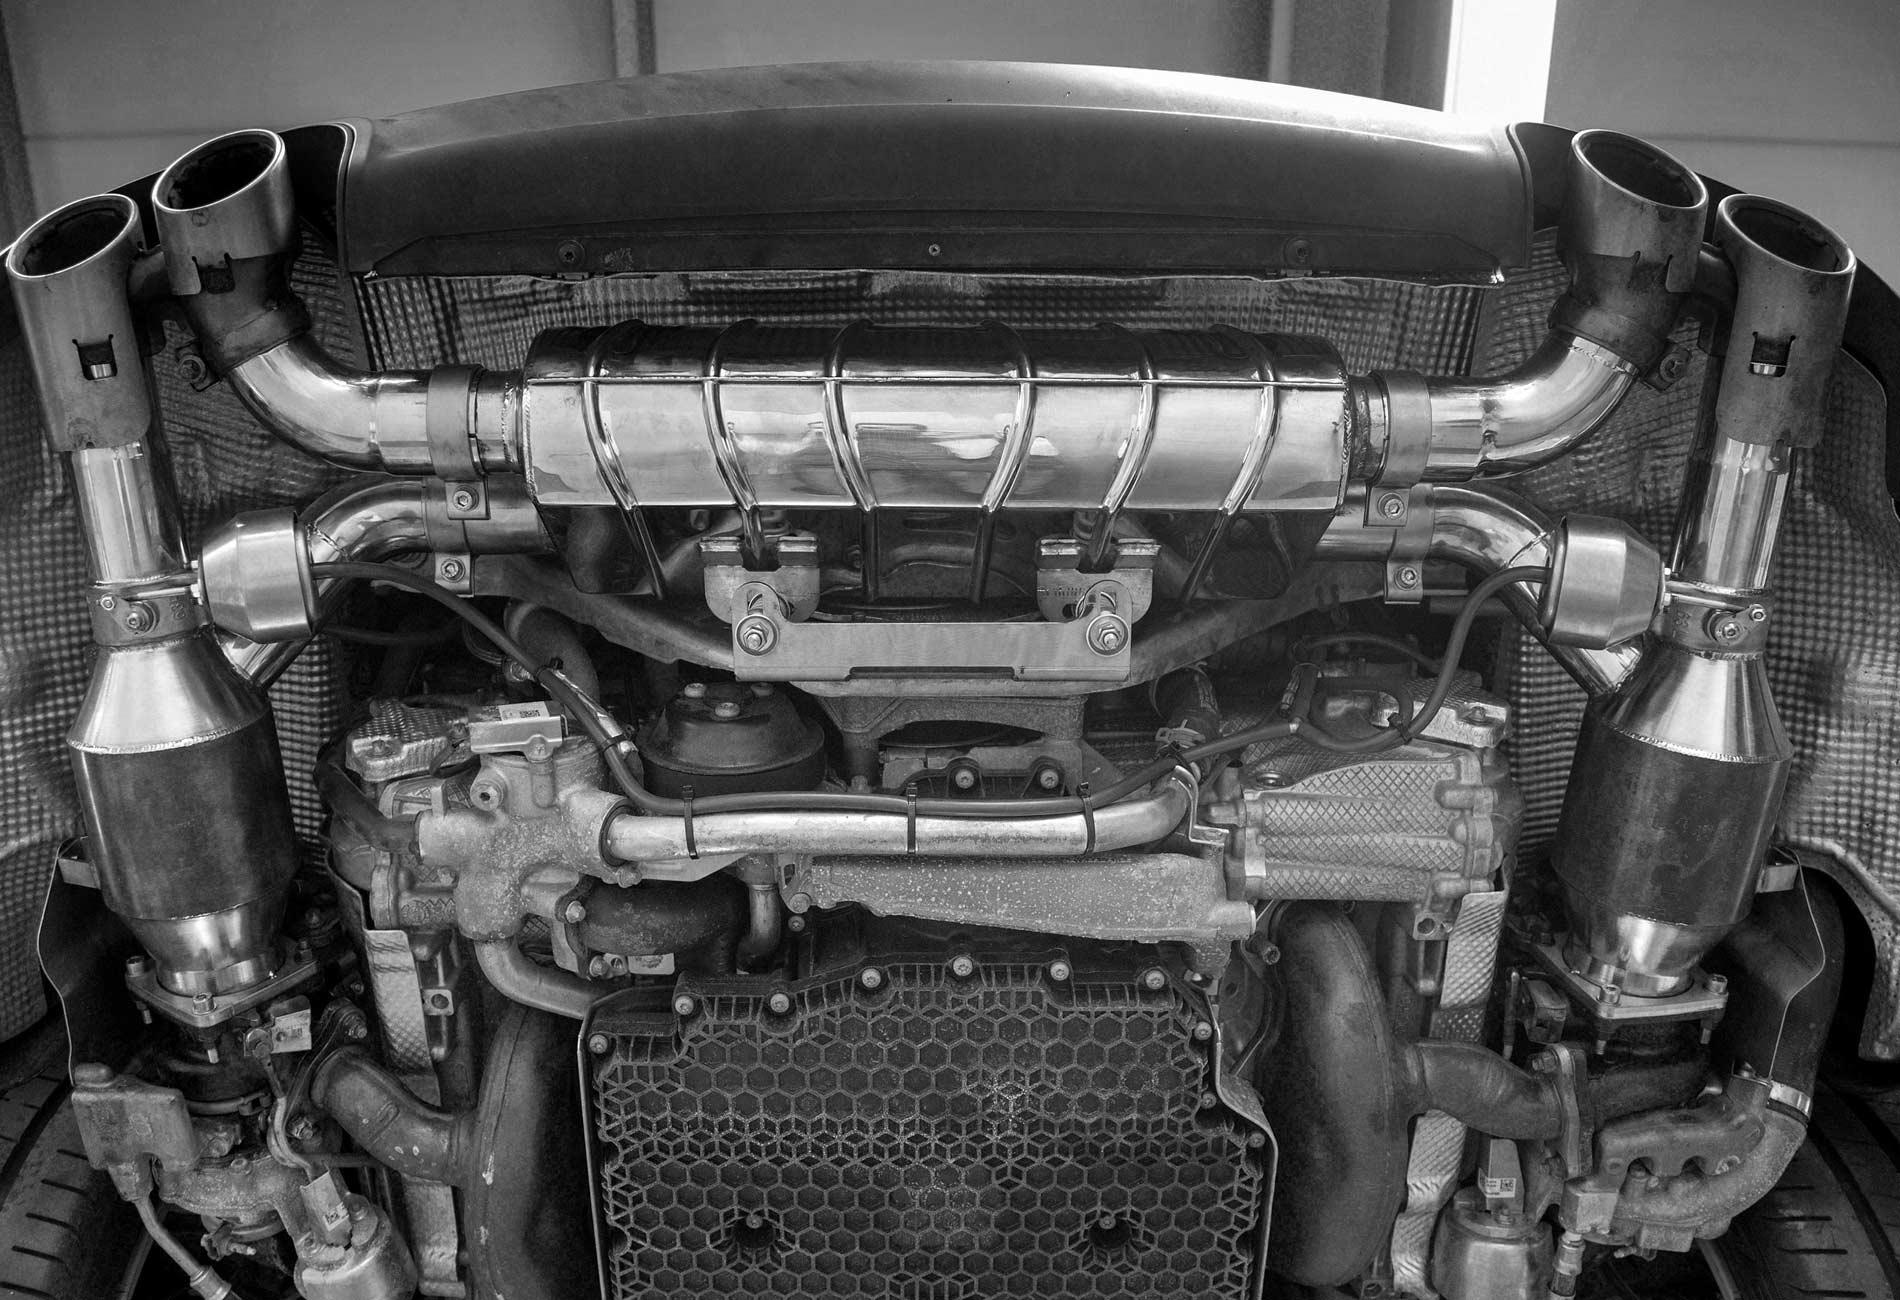 PORSCHE 991 CARRERA S BI-TURBO Auspuffanlage mit Klappensteuerung